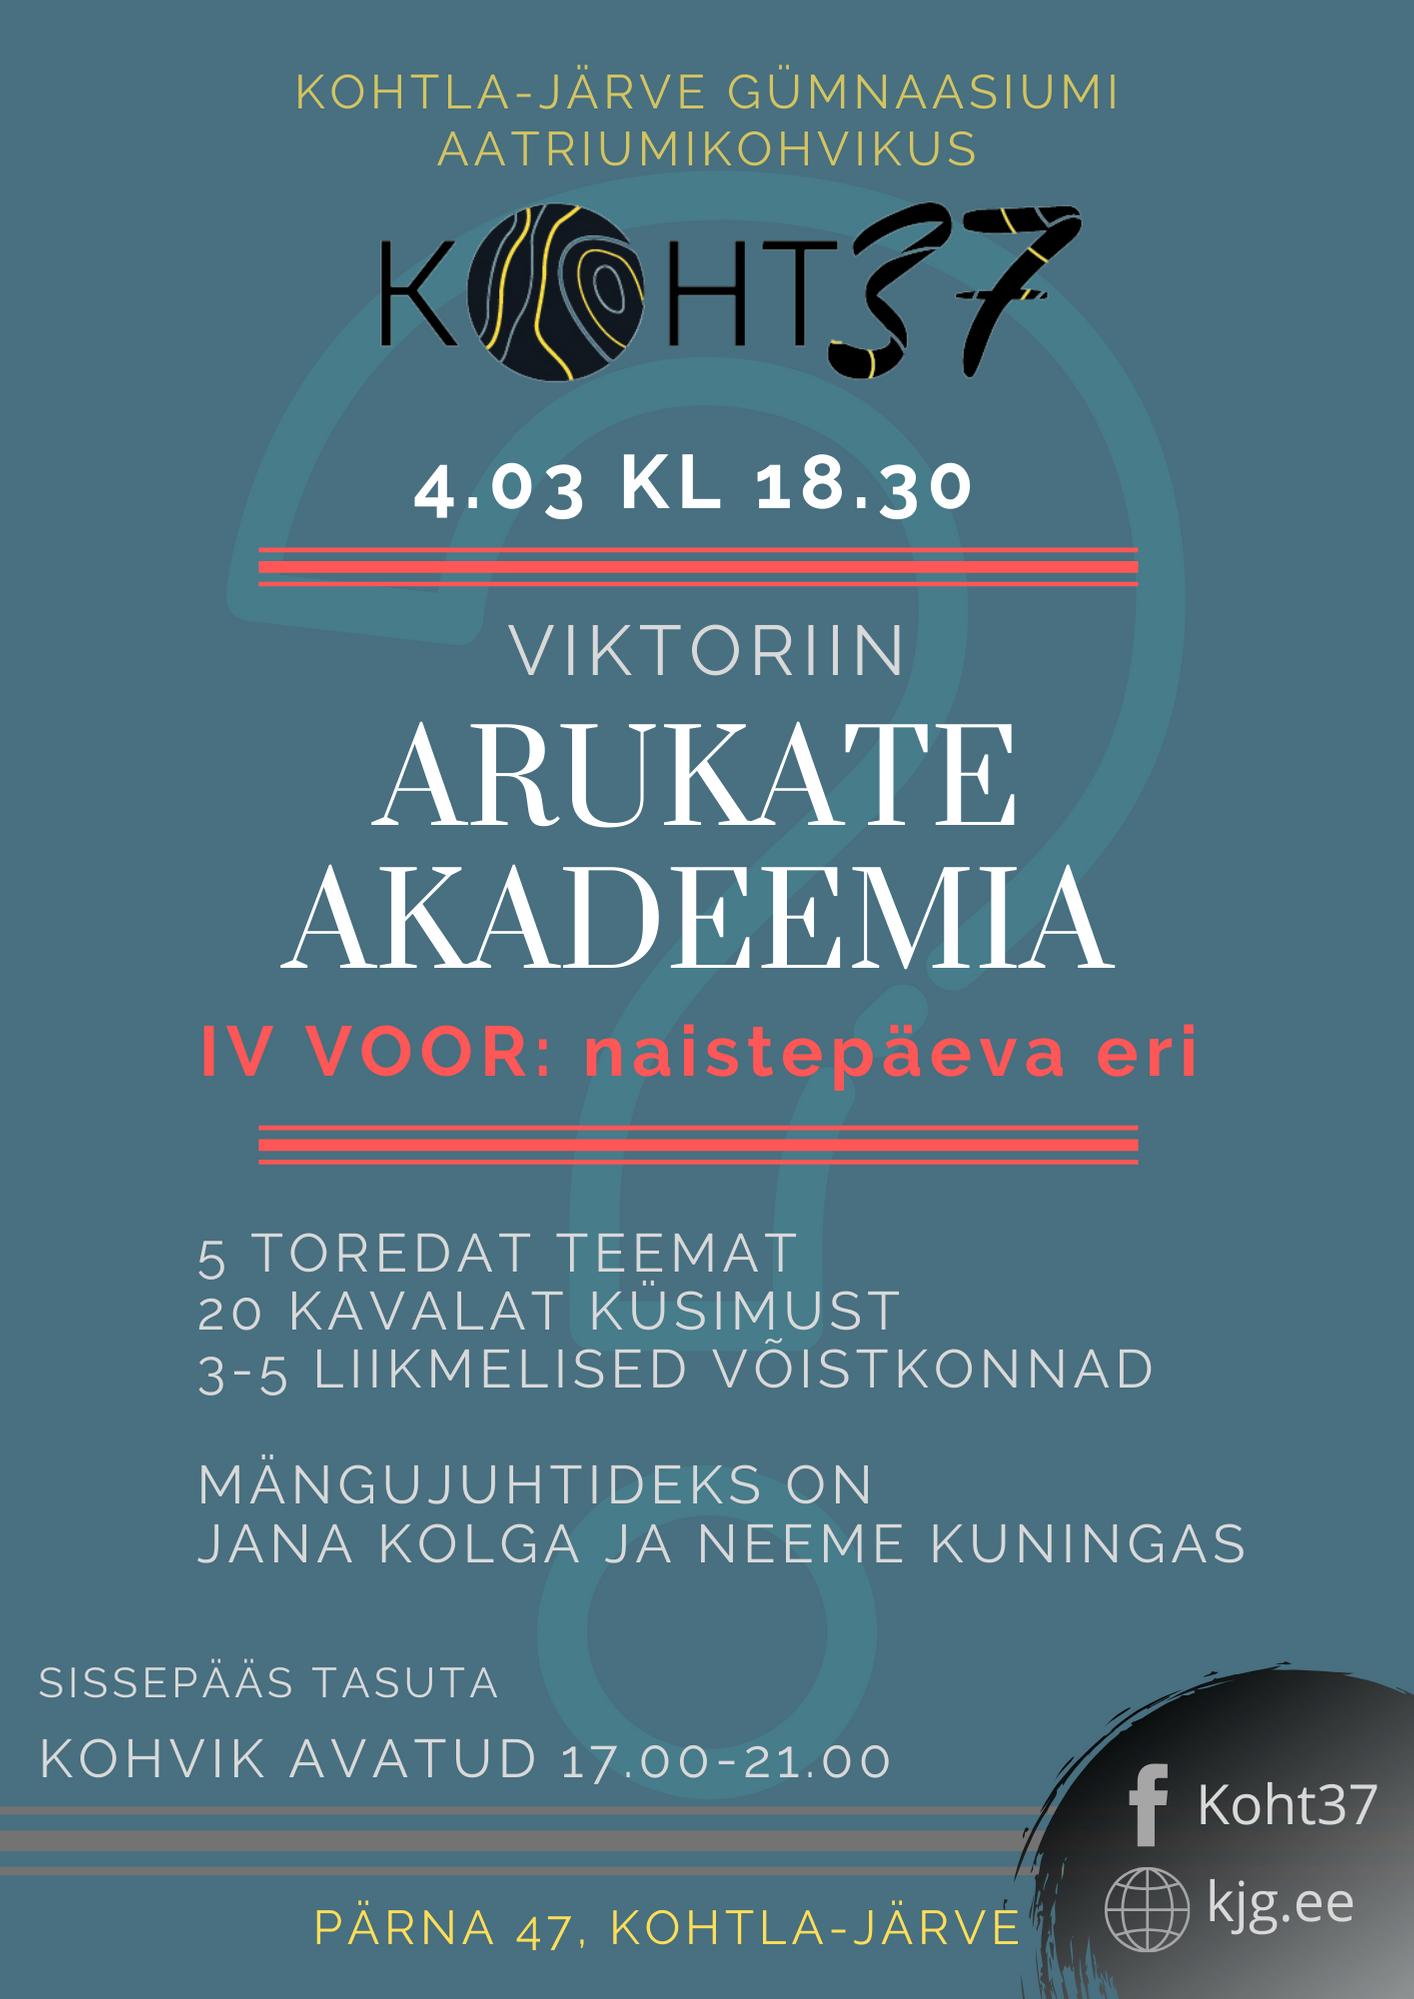 KOHT37: Arukate akadeemia IV voor: naistepäeva eri